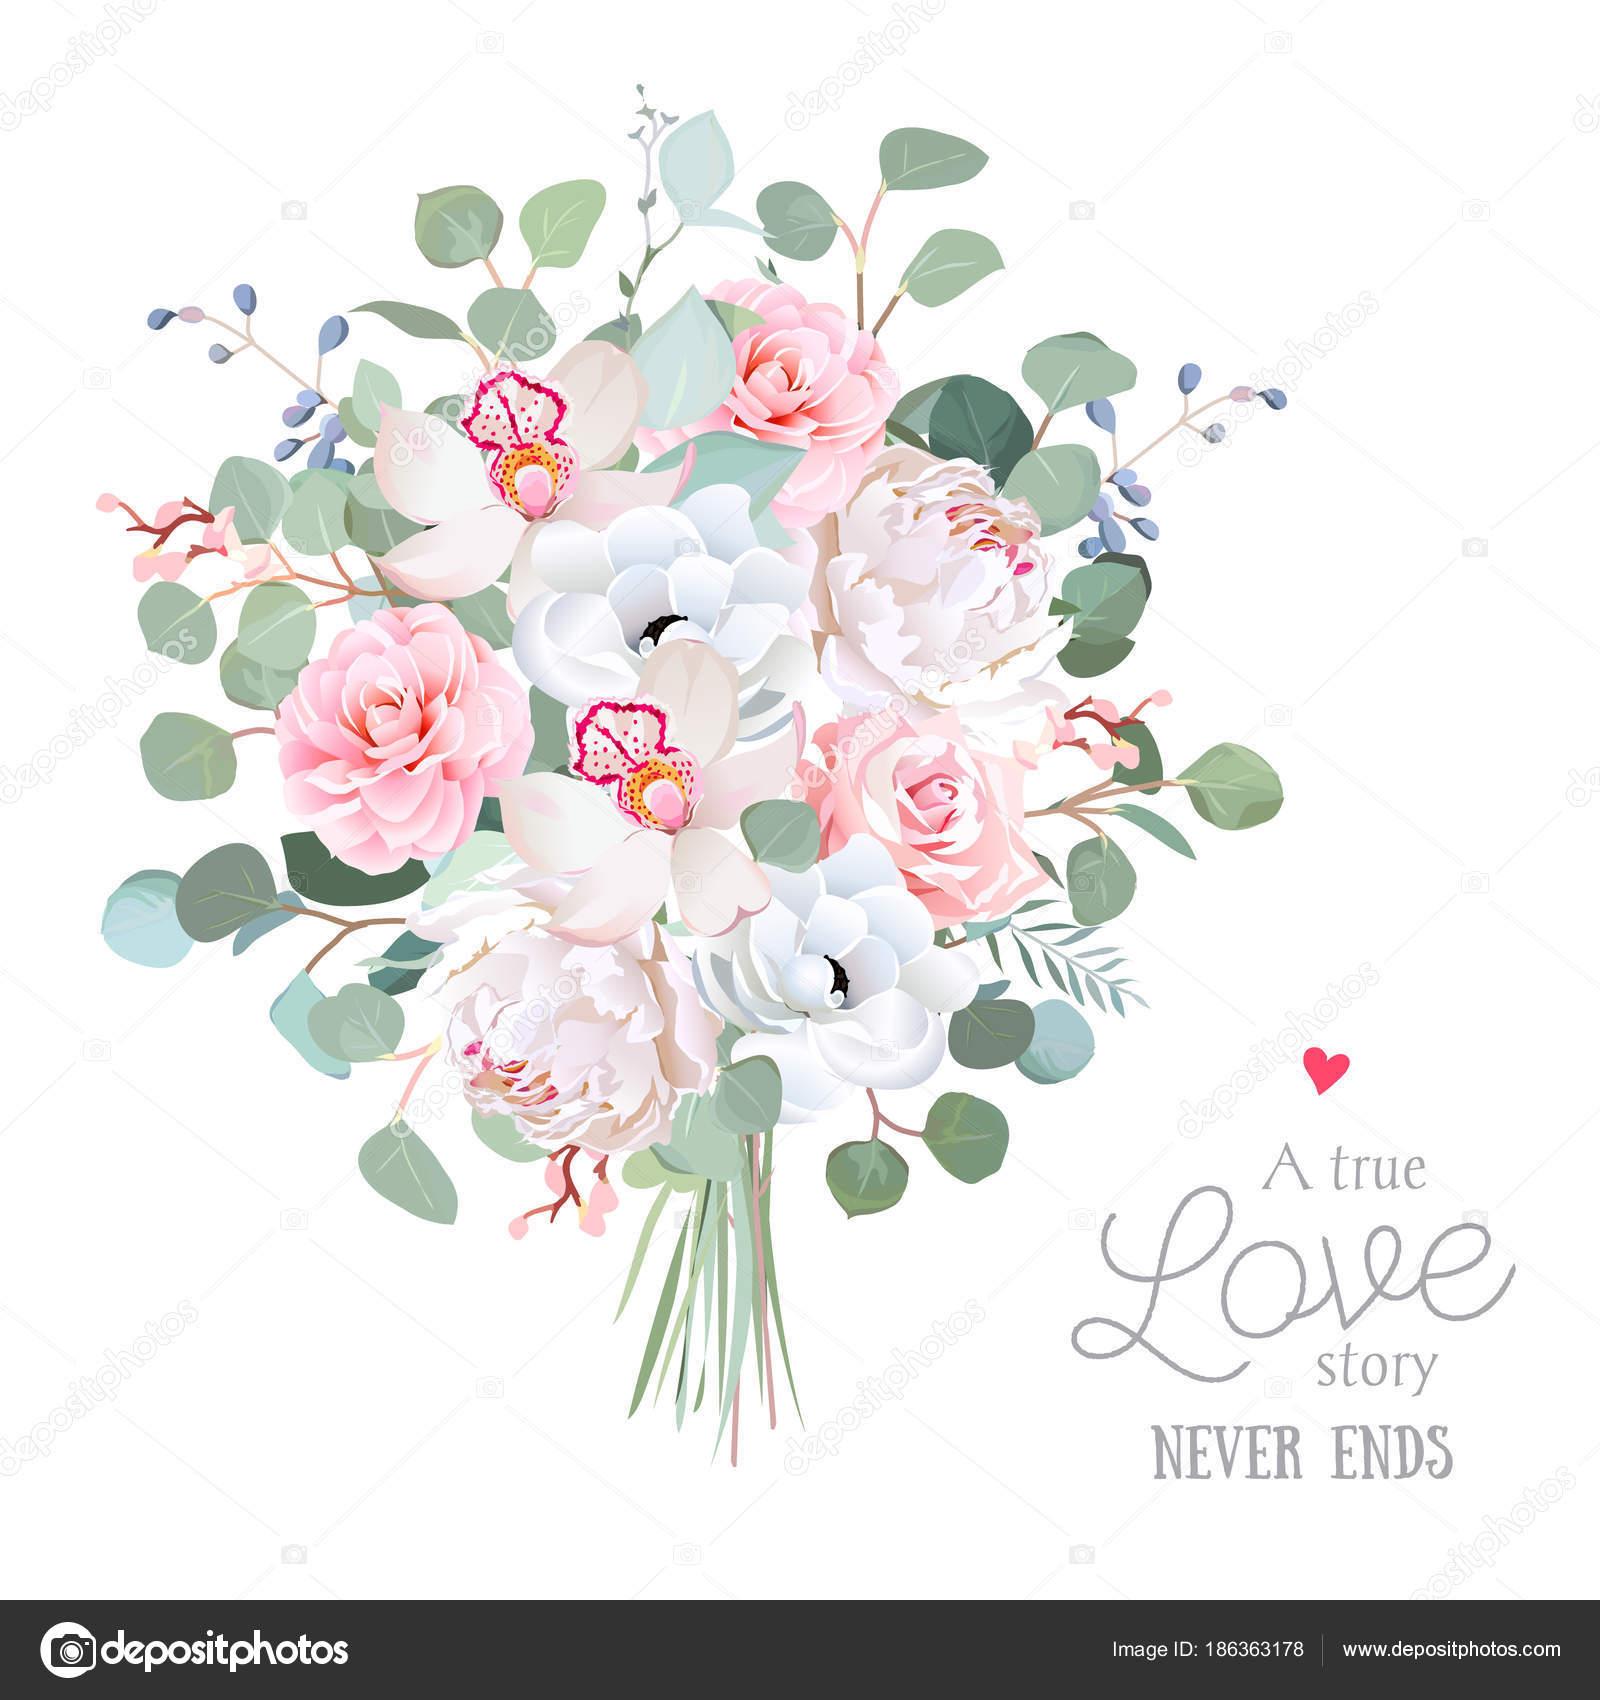 Bouquet de fleurs mariage style. Pivoine blanche, rose rose, orchidée,  anémone, camélia, eucalyptus dollar en argent. Illustration vectorielle  verdure pour